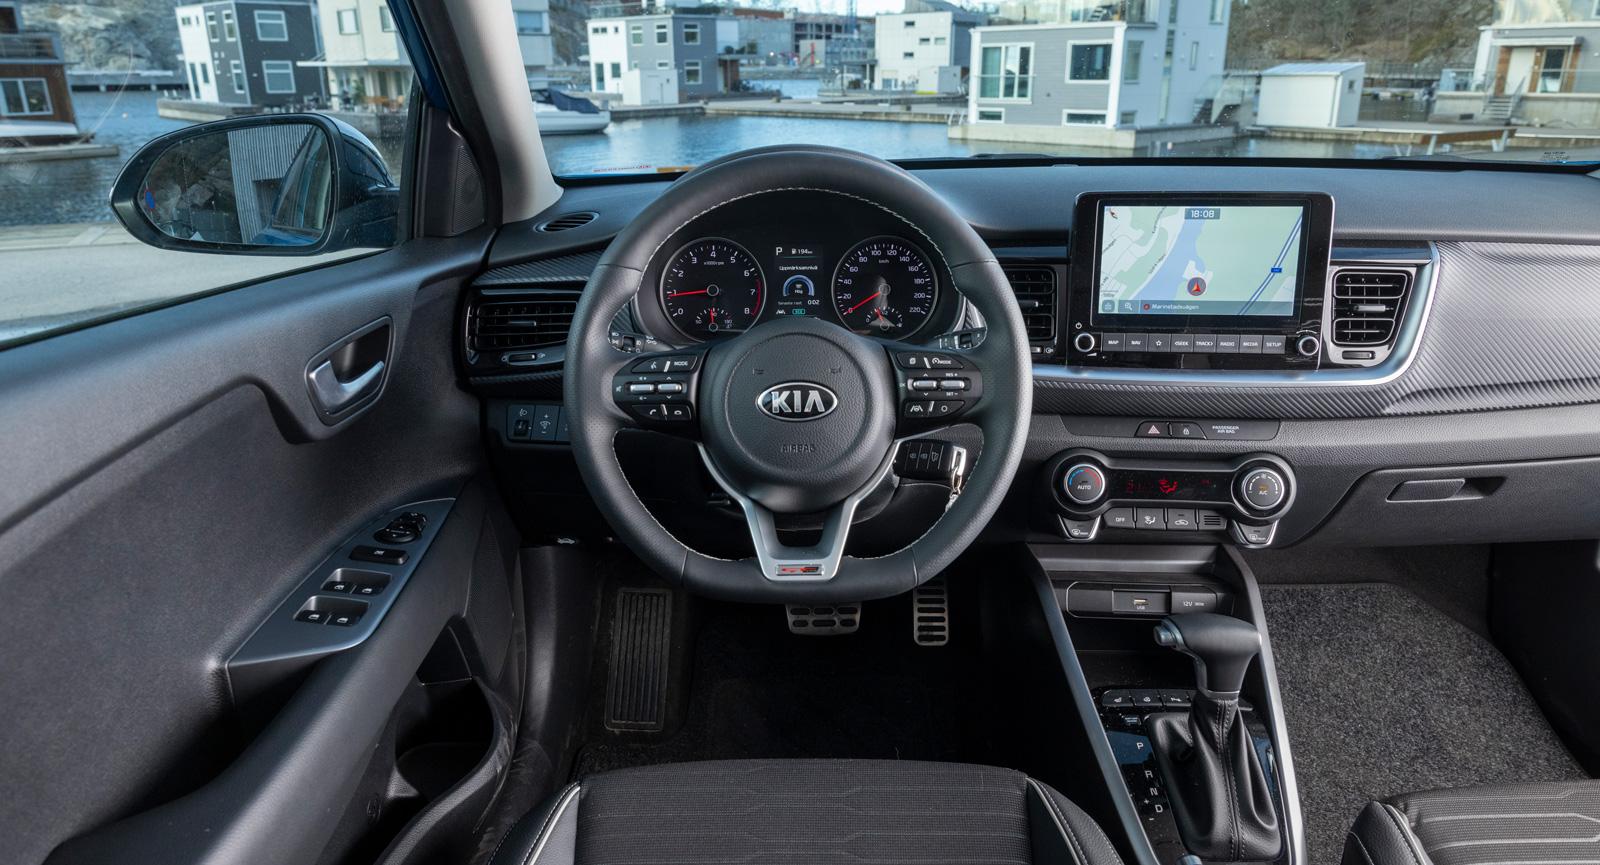 """Kia: Rejäla knappar och reglage. Knapparna i ratten är många och i pillrigaste laget. """"Tillplattad"""" sportratt är en del av GT-Lineutrustningen."""